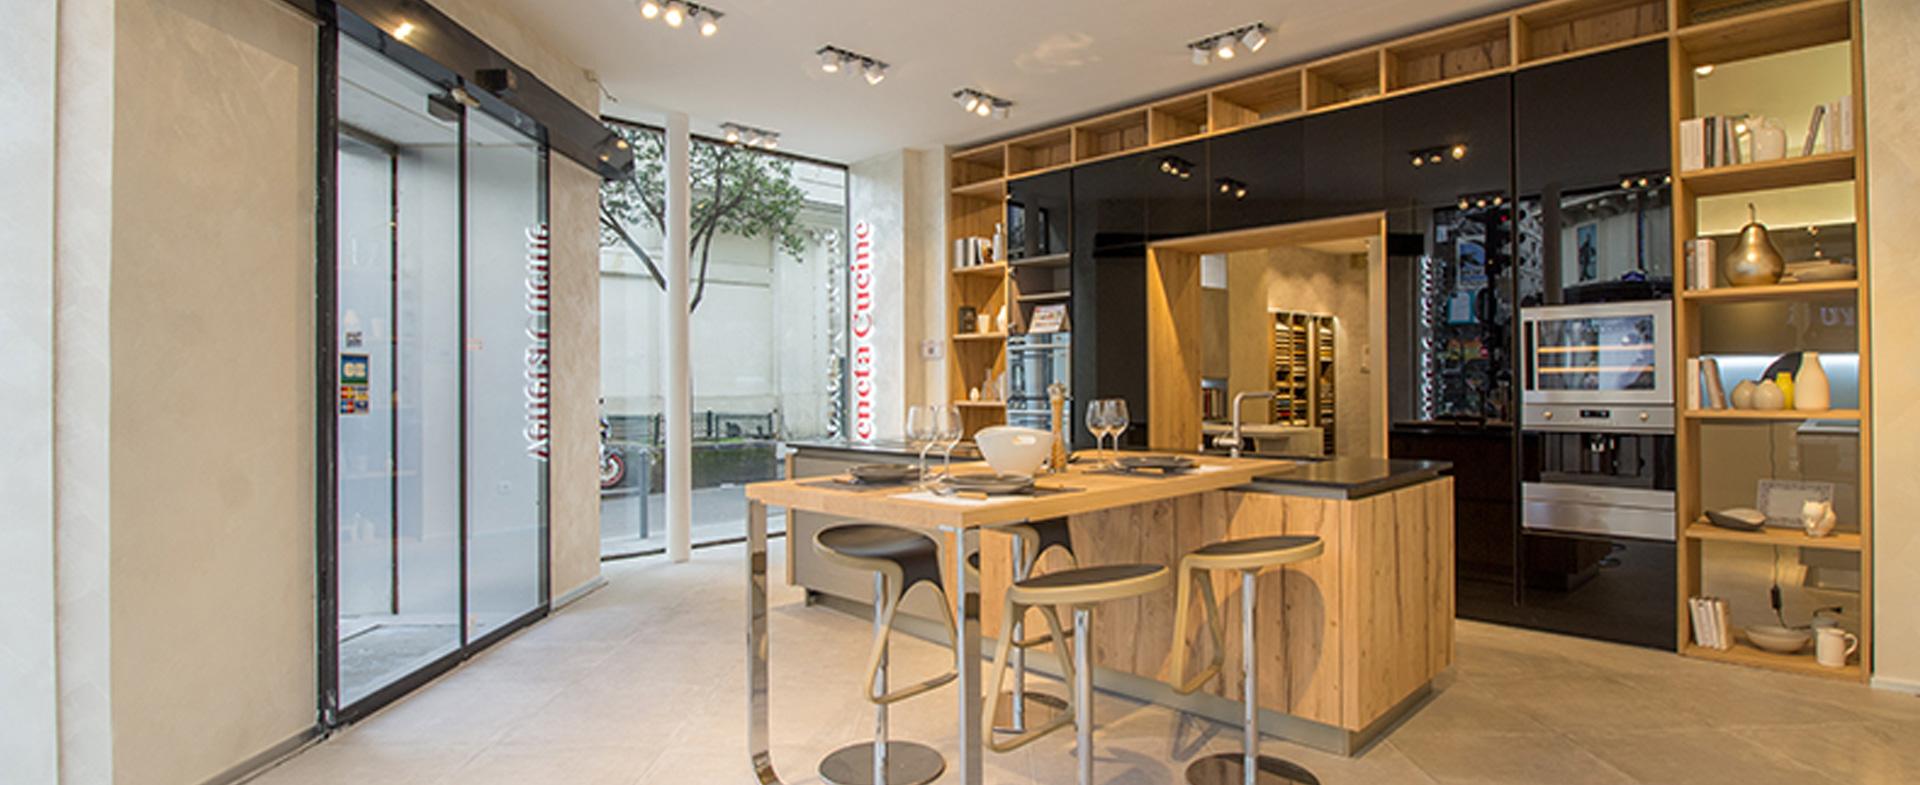 Cuisine De Luxe Paris 2ème Cuisine Haut De Gamme Paris 2ème